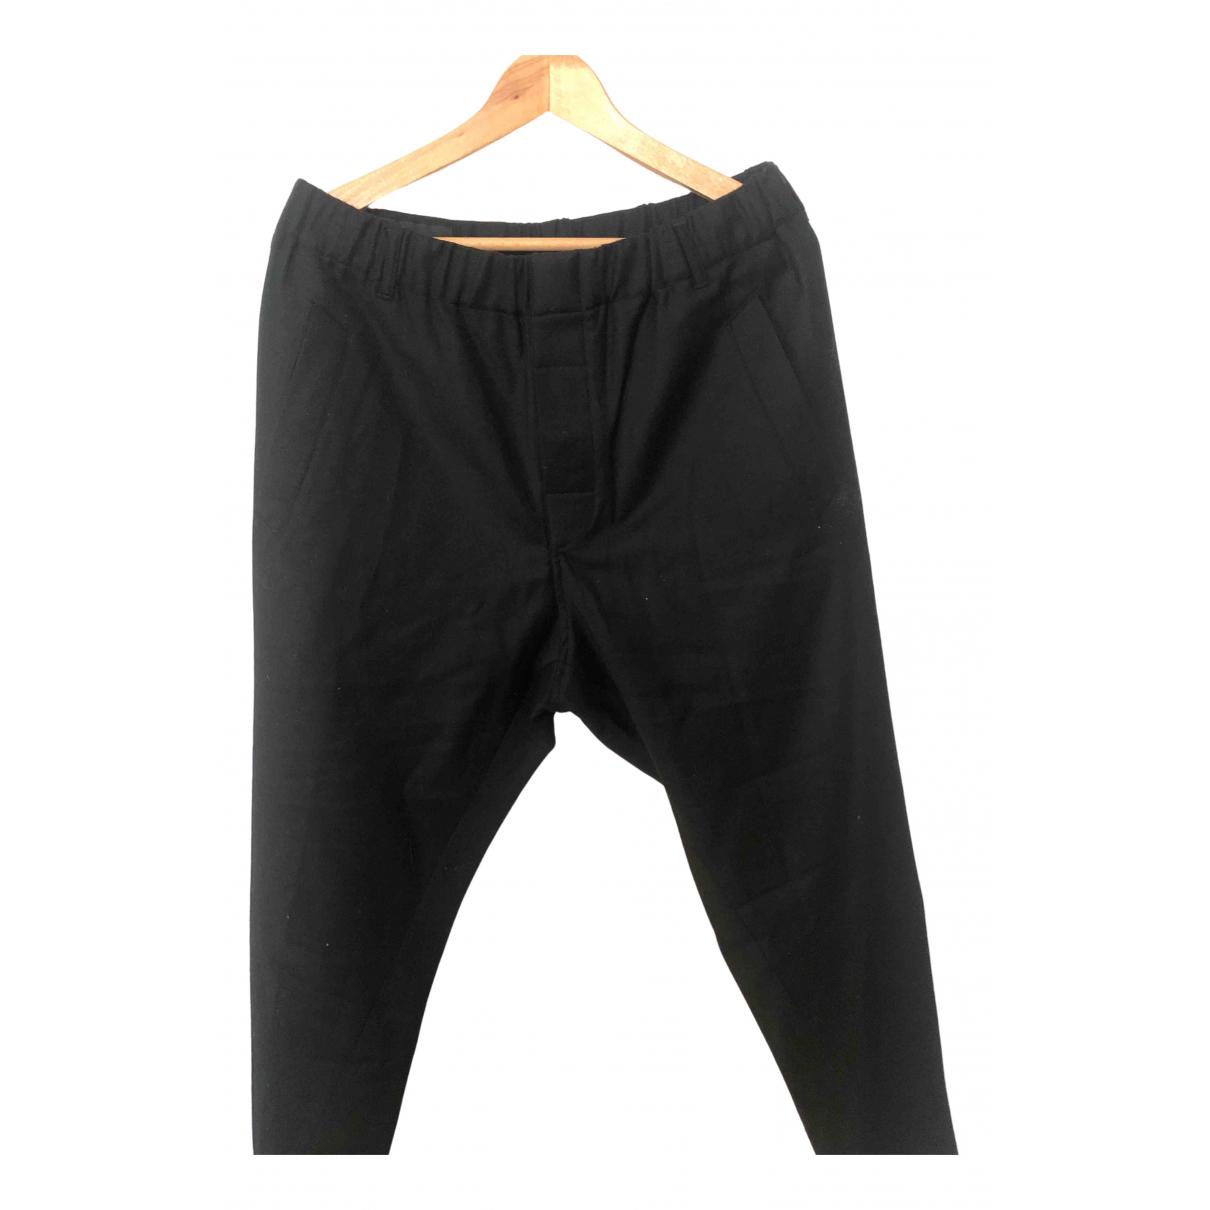 Pantalon de Lana Ann Demeulemeester